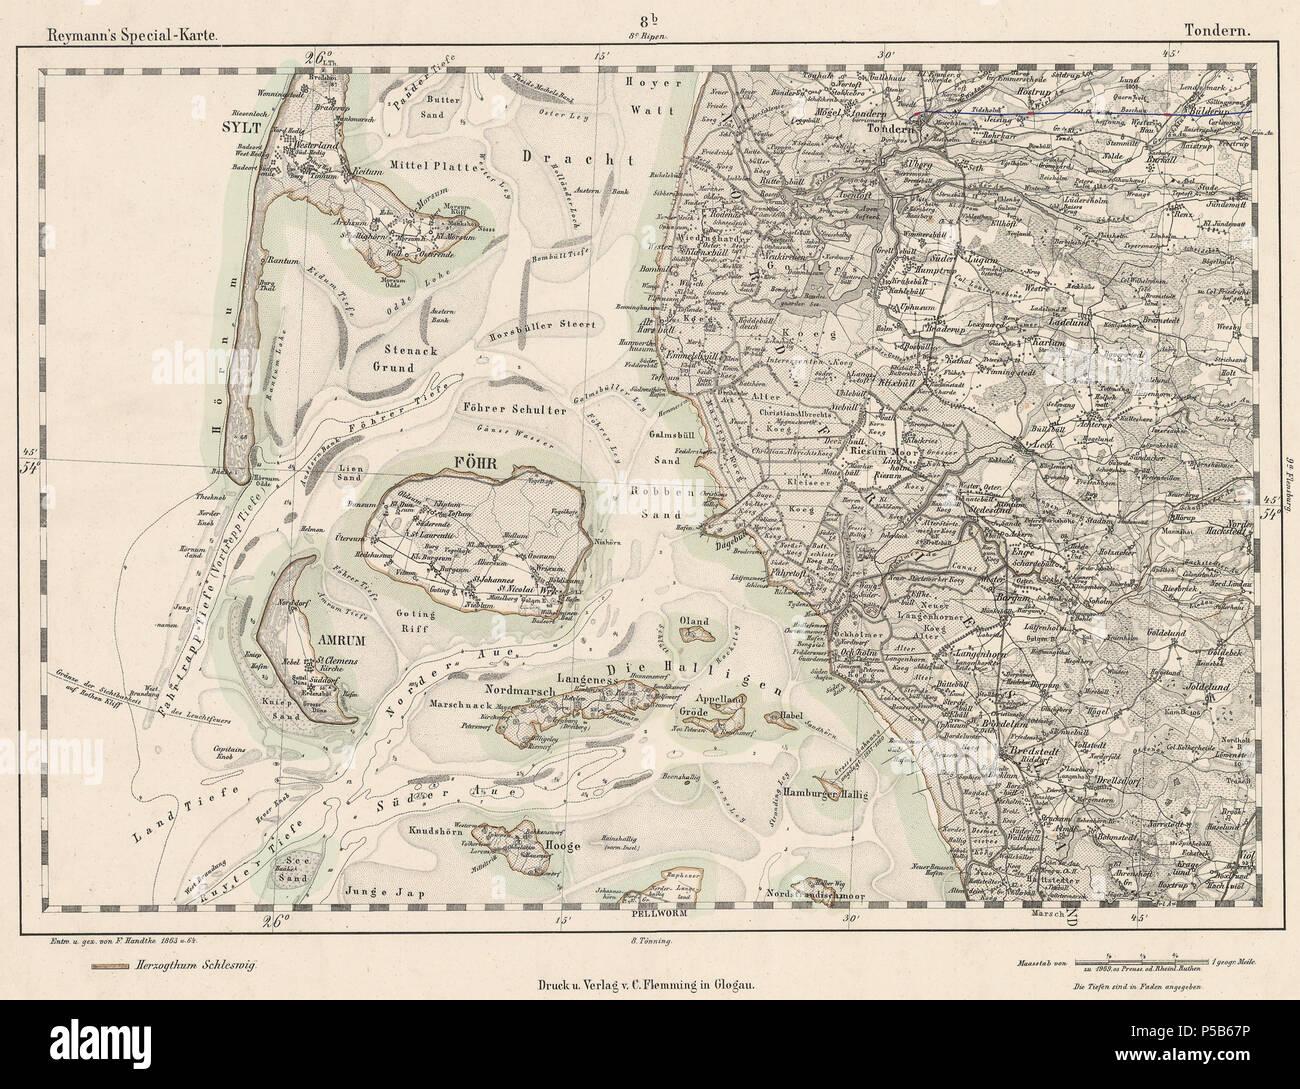 N A English Map Sheet 8b Tondern Northwest Schleswig Germany